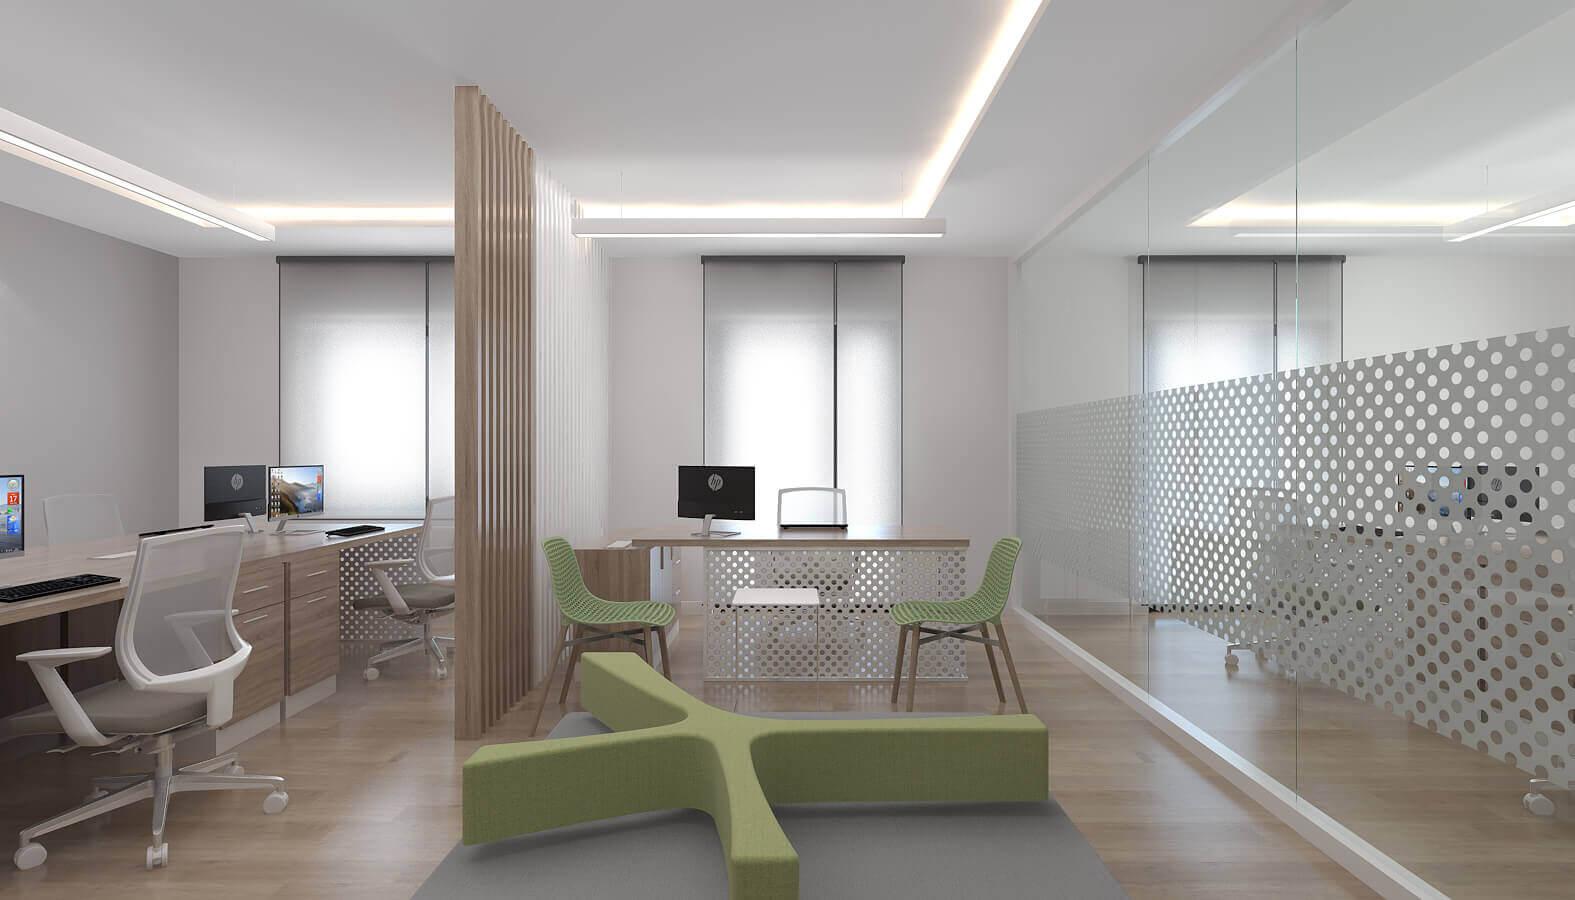 ofis içmimari 3783 Telsam Telekom Ofisler